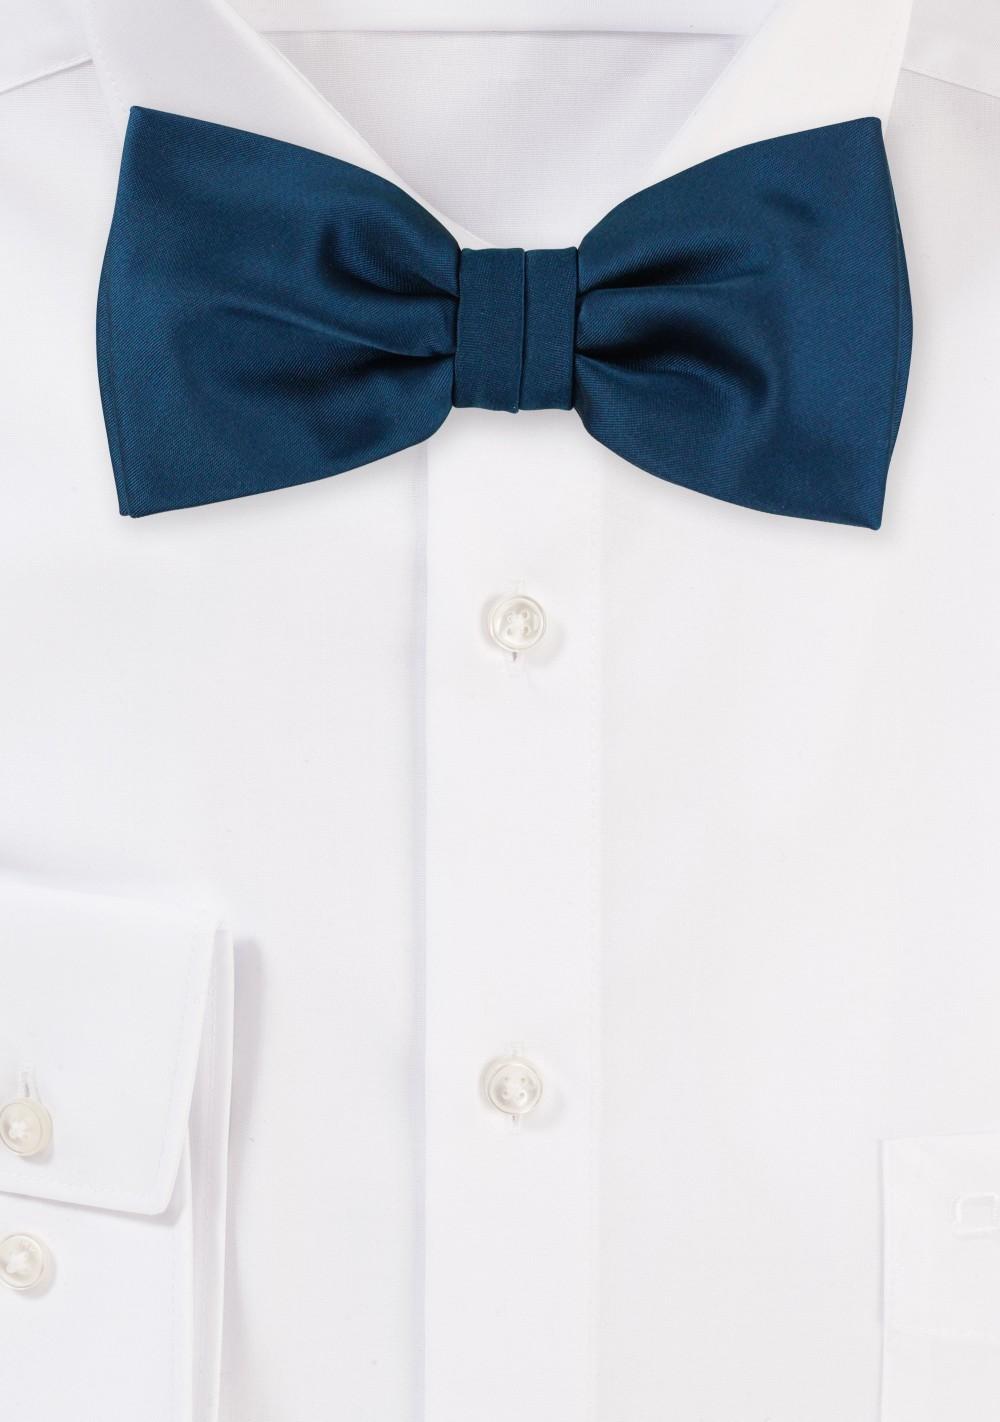 Bow Tie in Dark Teal